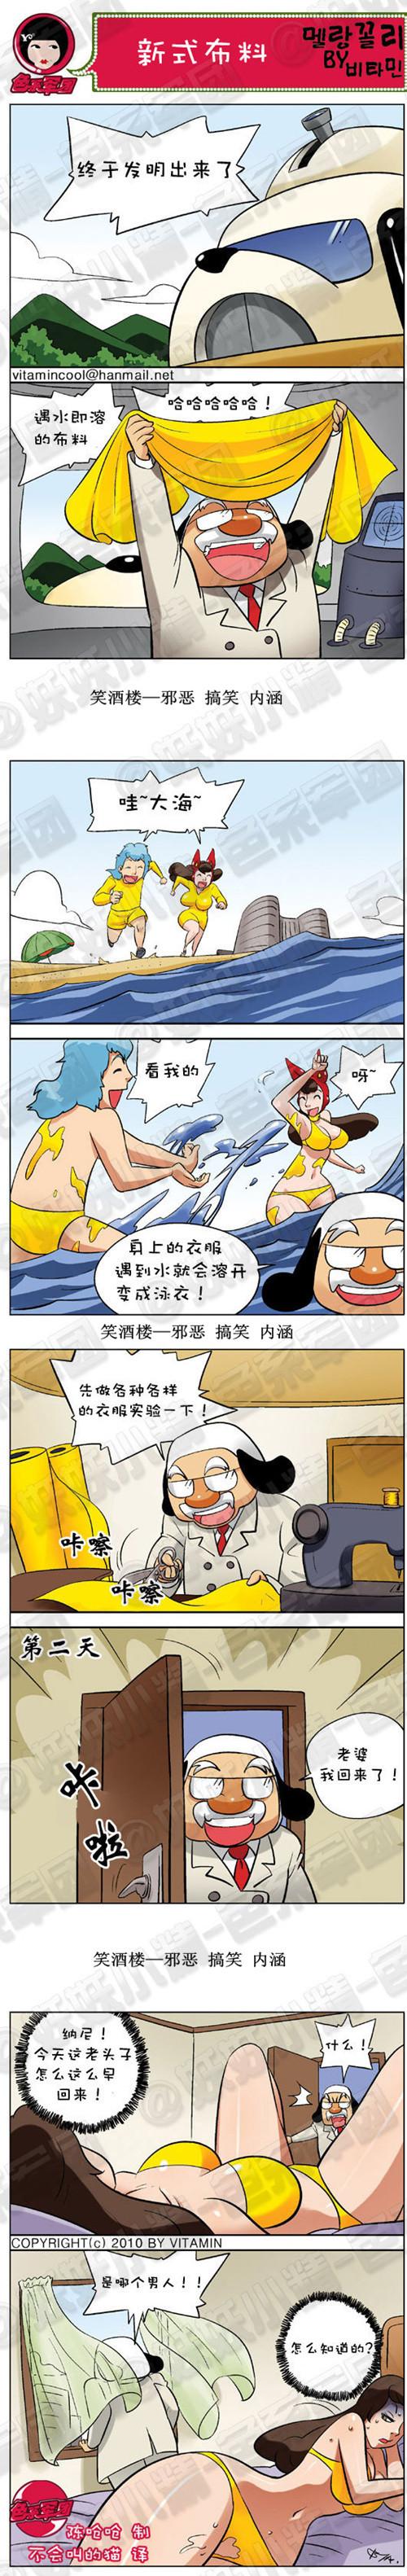 邪恶漫画|性感白雪公主 小裤裤的弹性真好啊 邪恶少女漫画 图11